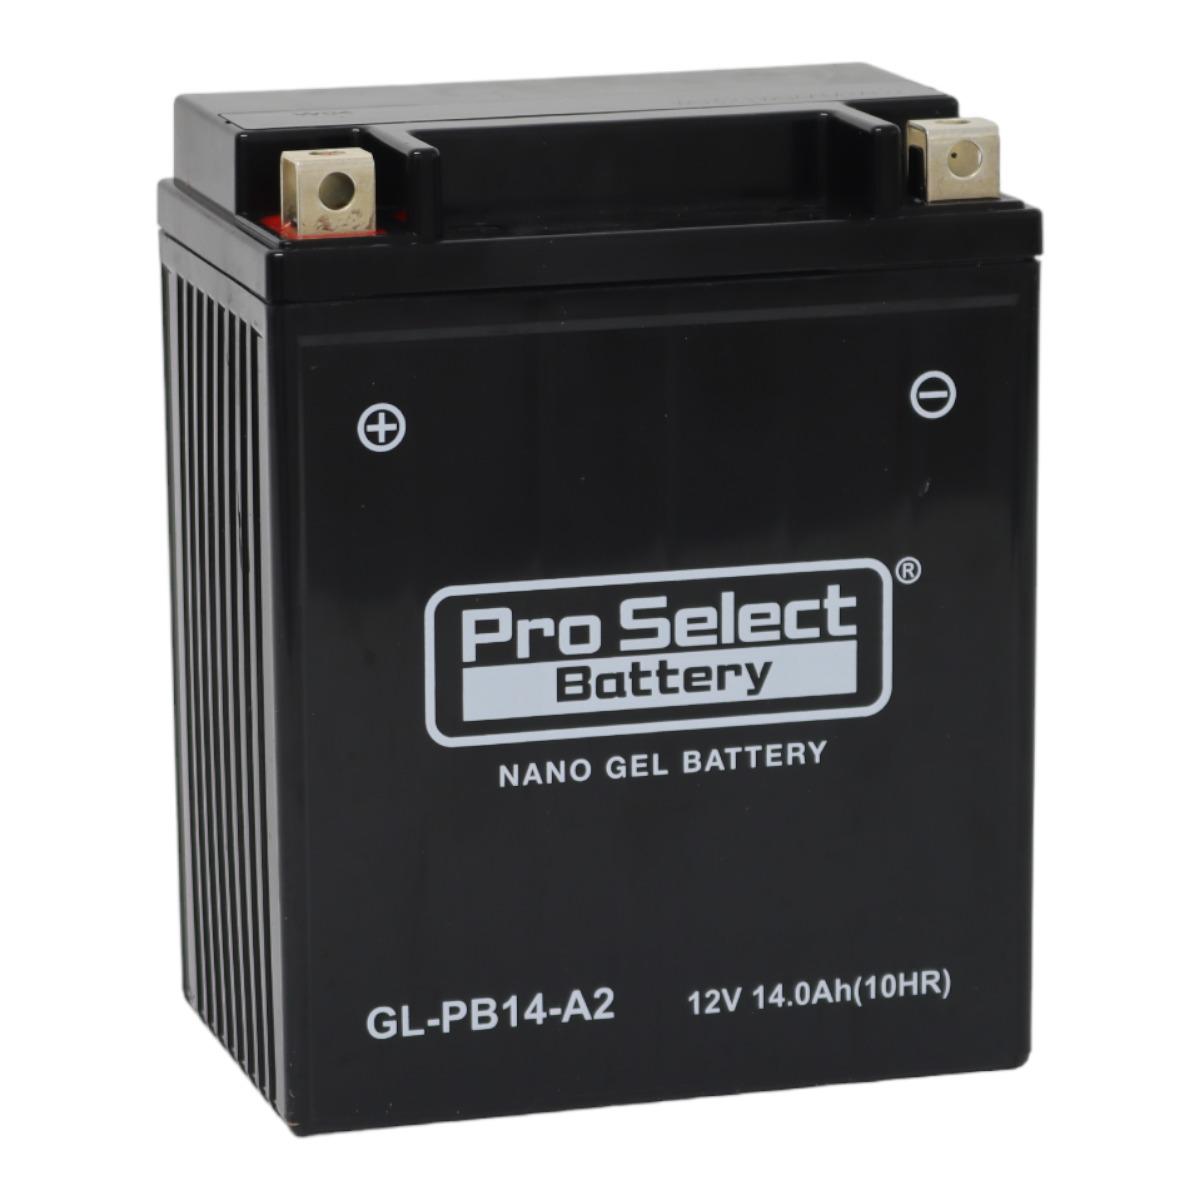 GL-PB14-A2 (YB14-A2 互換)(ジェルタイプ 液入り充電済み)